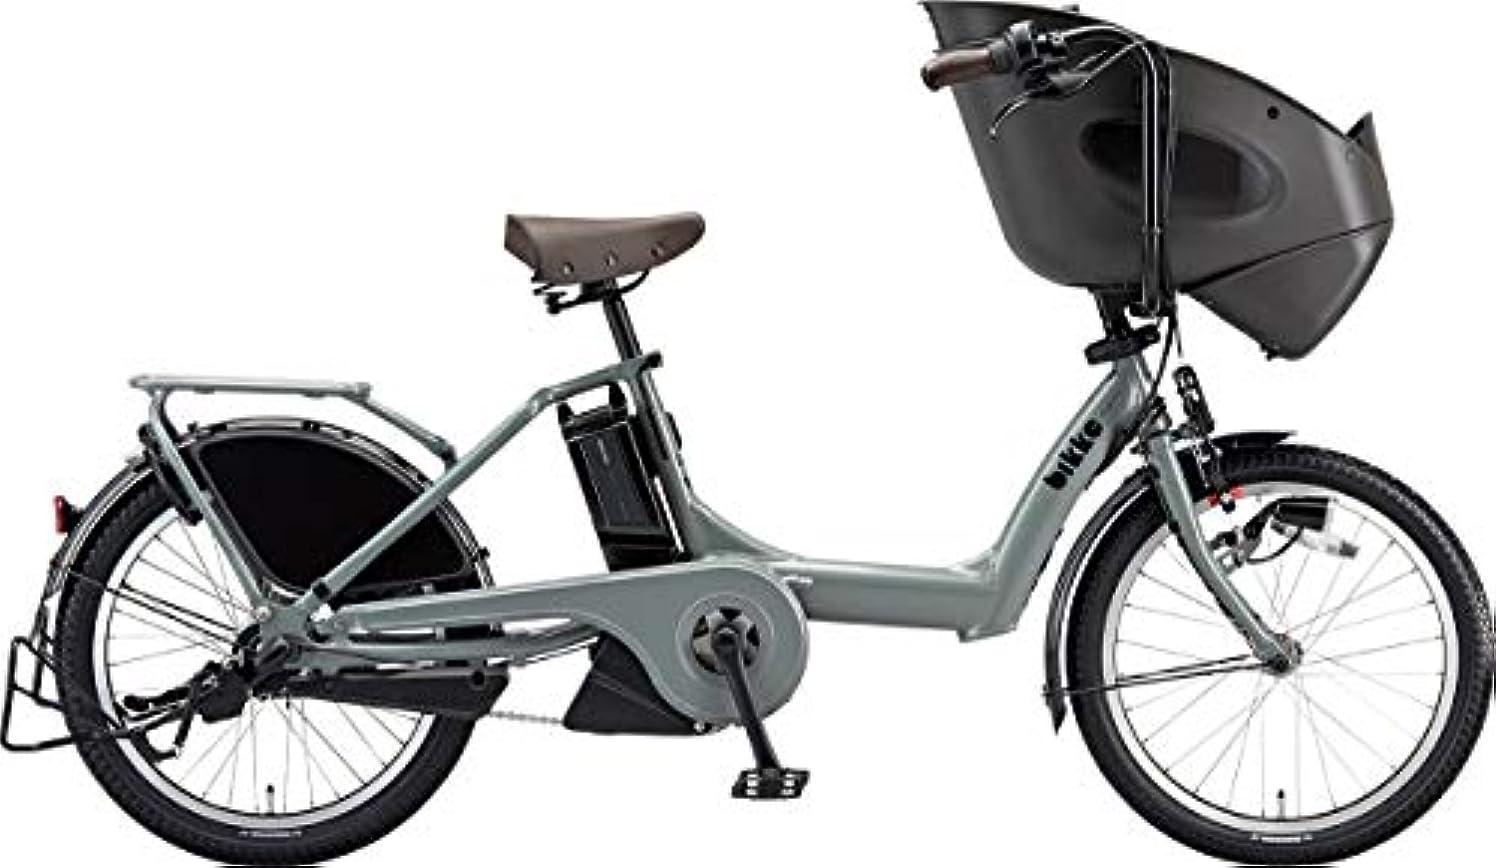 ビーチ主熟達したBRIDGESTONE(ブリヂストン) BP0C40 ポーラe 20インチ 電動アシスト自転車 専用充電器付